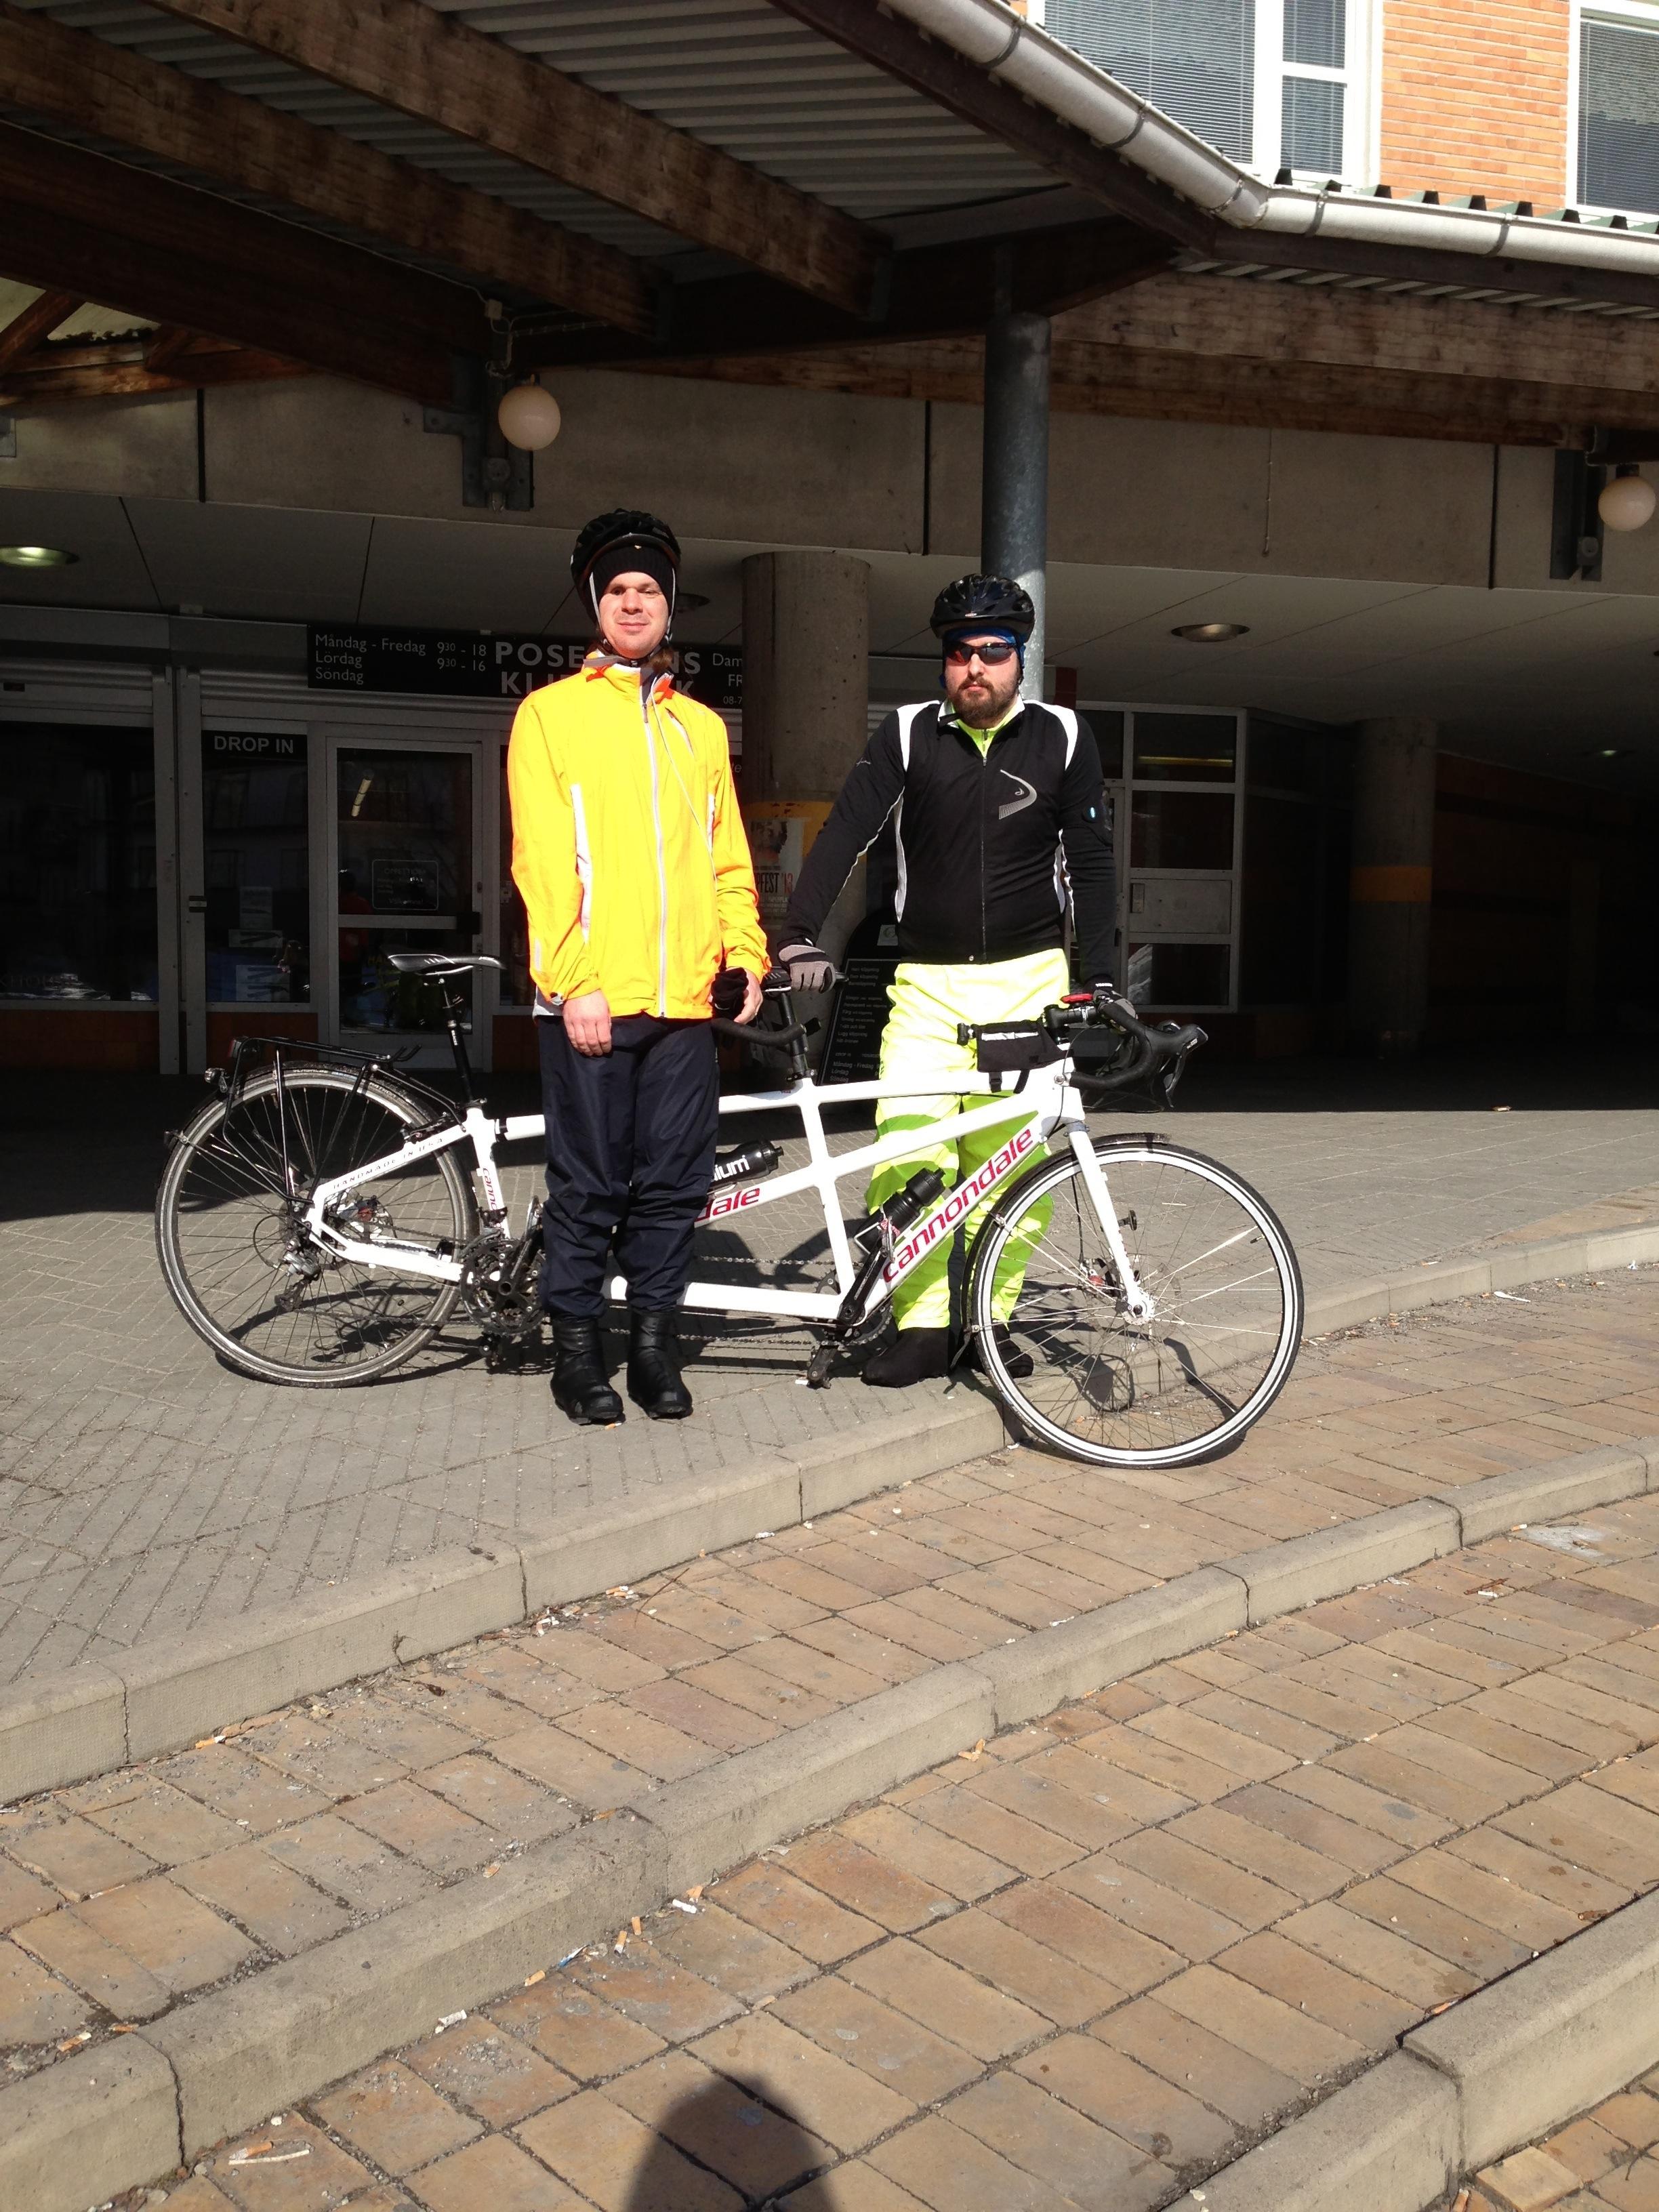 Bild: Joakim Nömell och Thomas Egrelius vid tandemcykel